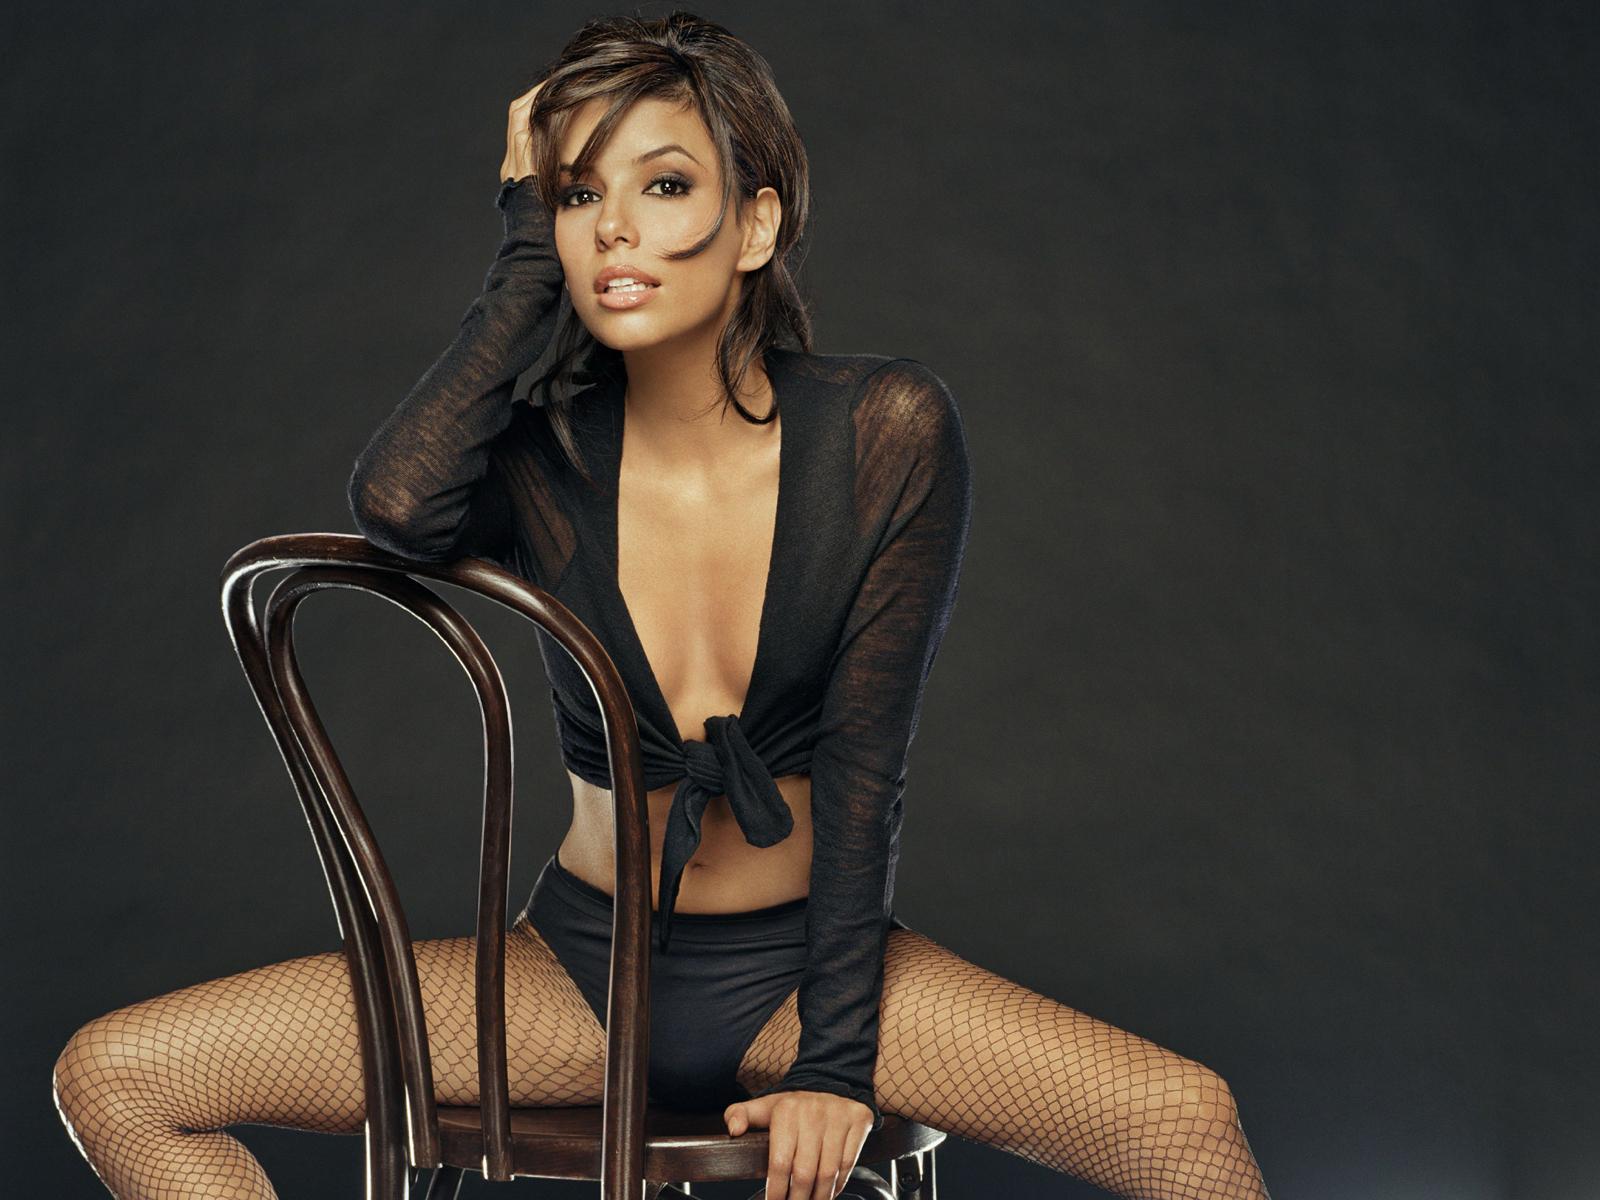 http://www.weesk.com/wallpaper/celebrites-femmes/eva-longoria/eva-longoria-20-eva-longoria-celebrites-femmes.jpg